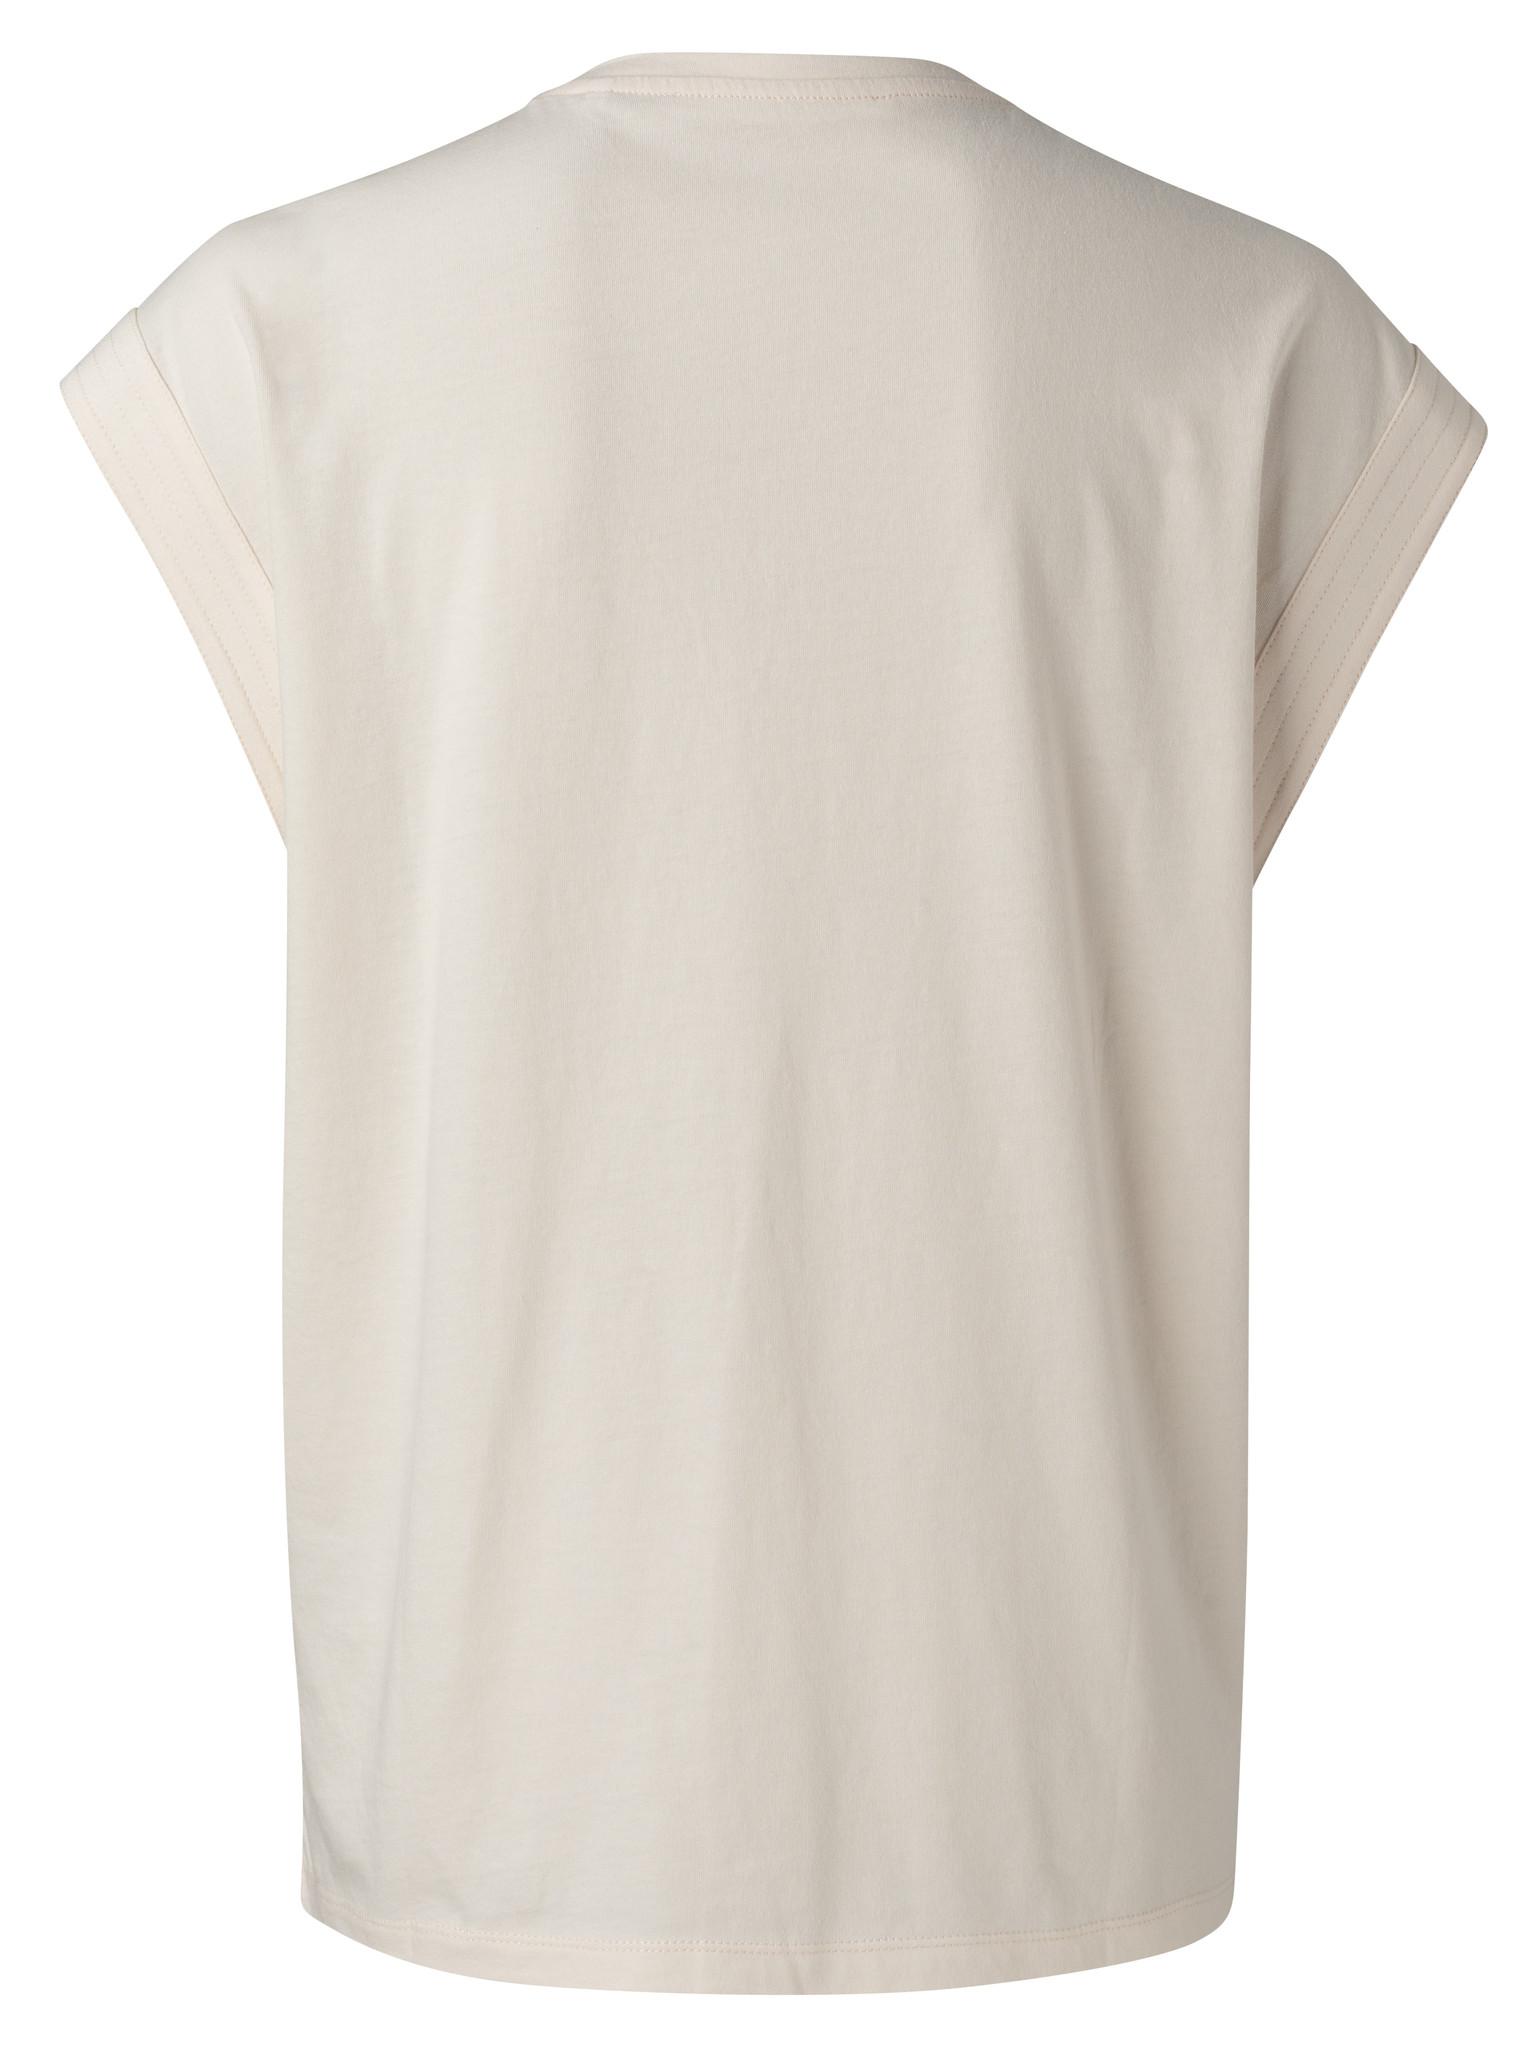 yaya V-neck top with stit 1909423-115-3